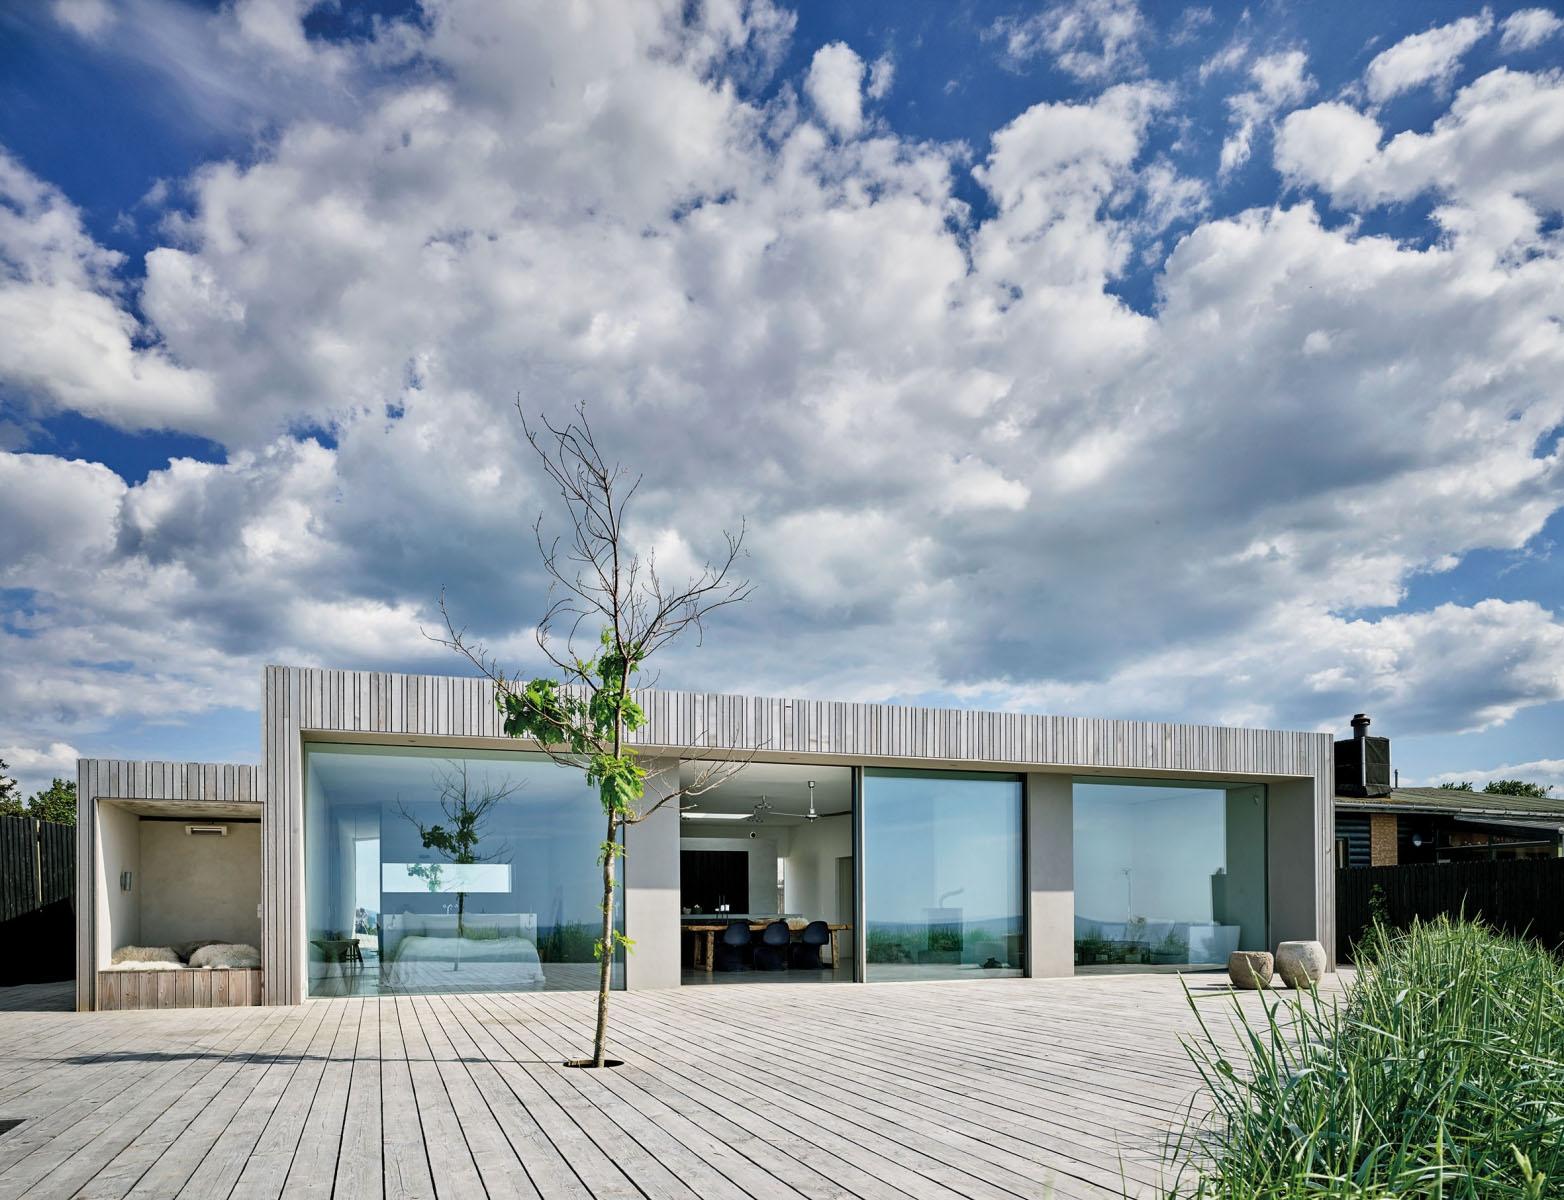 Birgitte Bruun - prázdninový dům